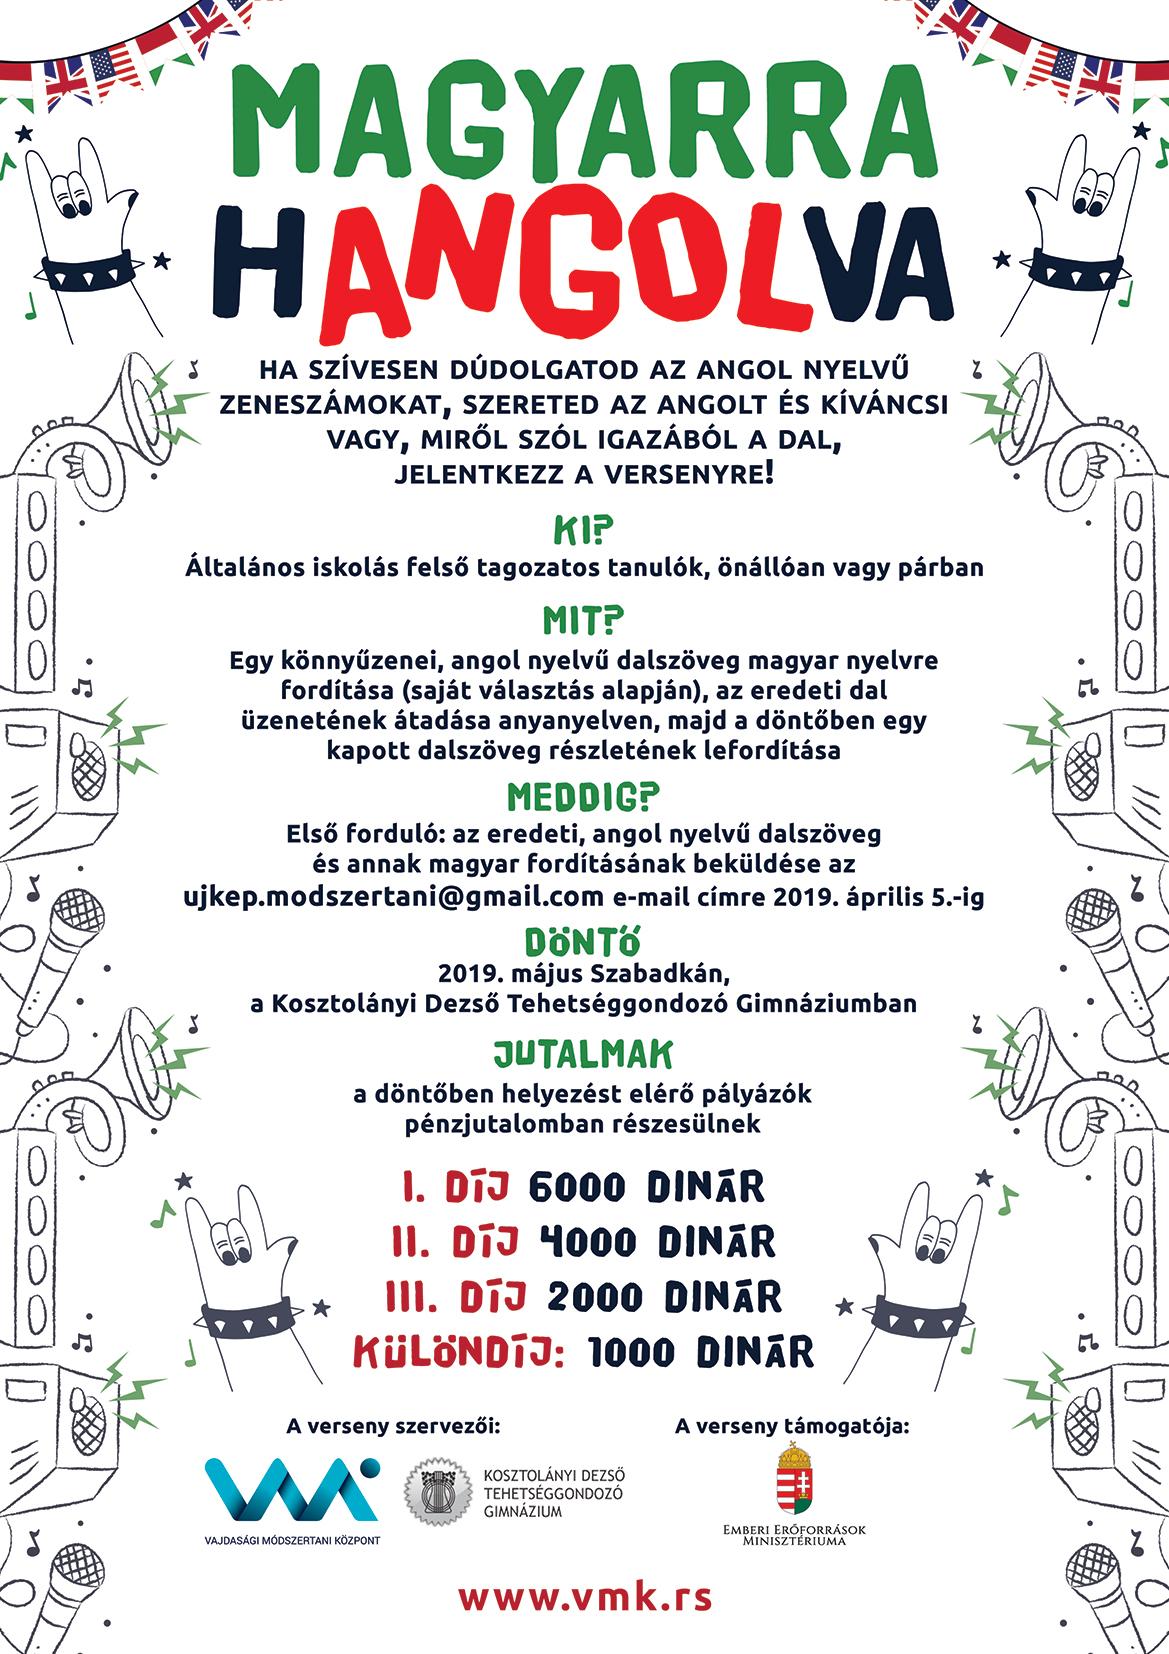 Magyarra Hangolva 2018/2019